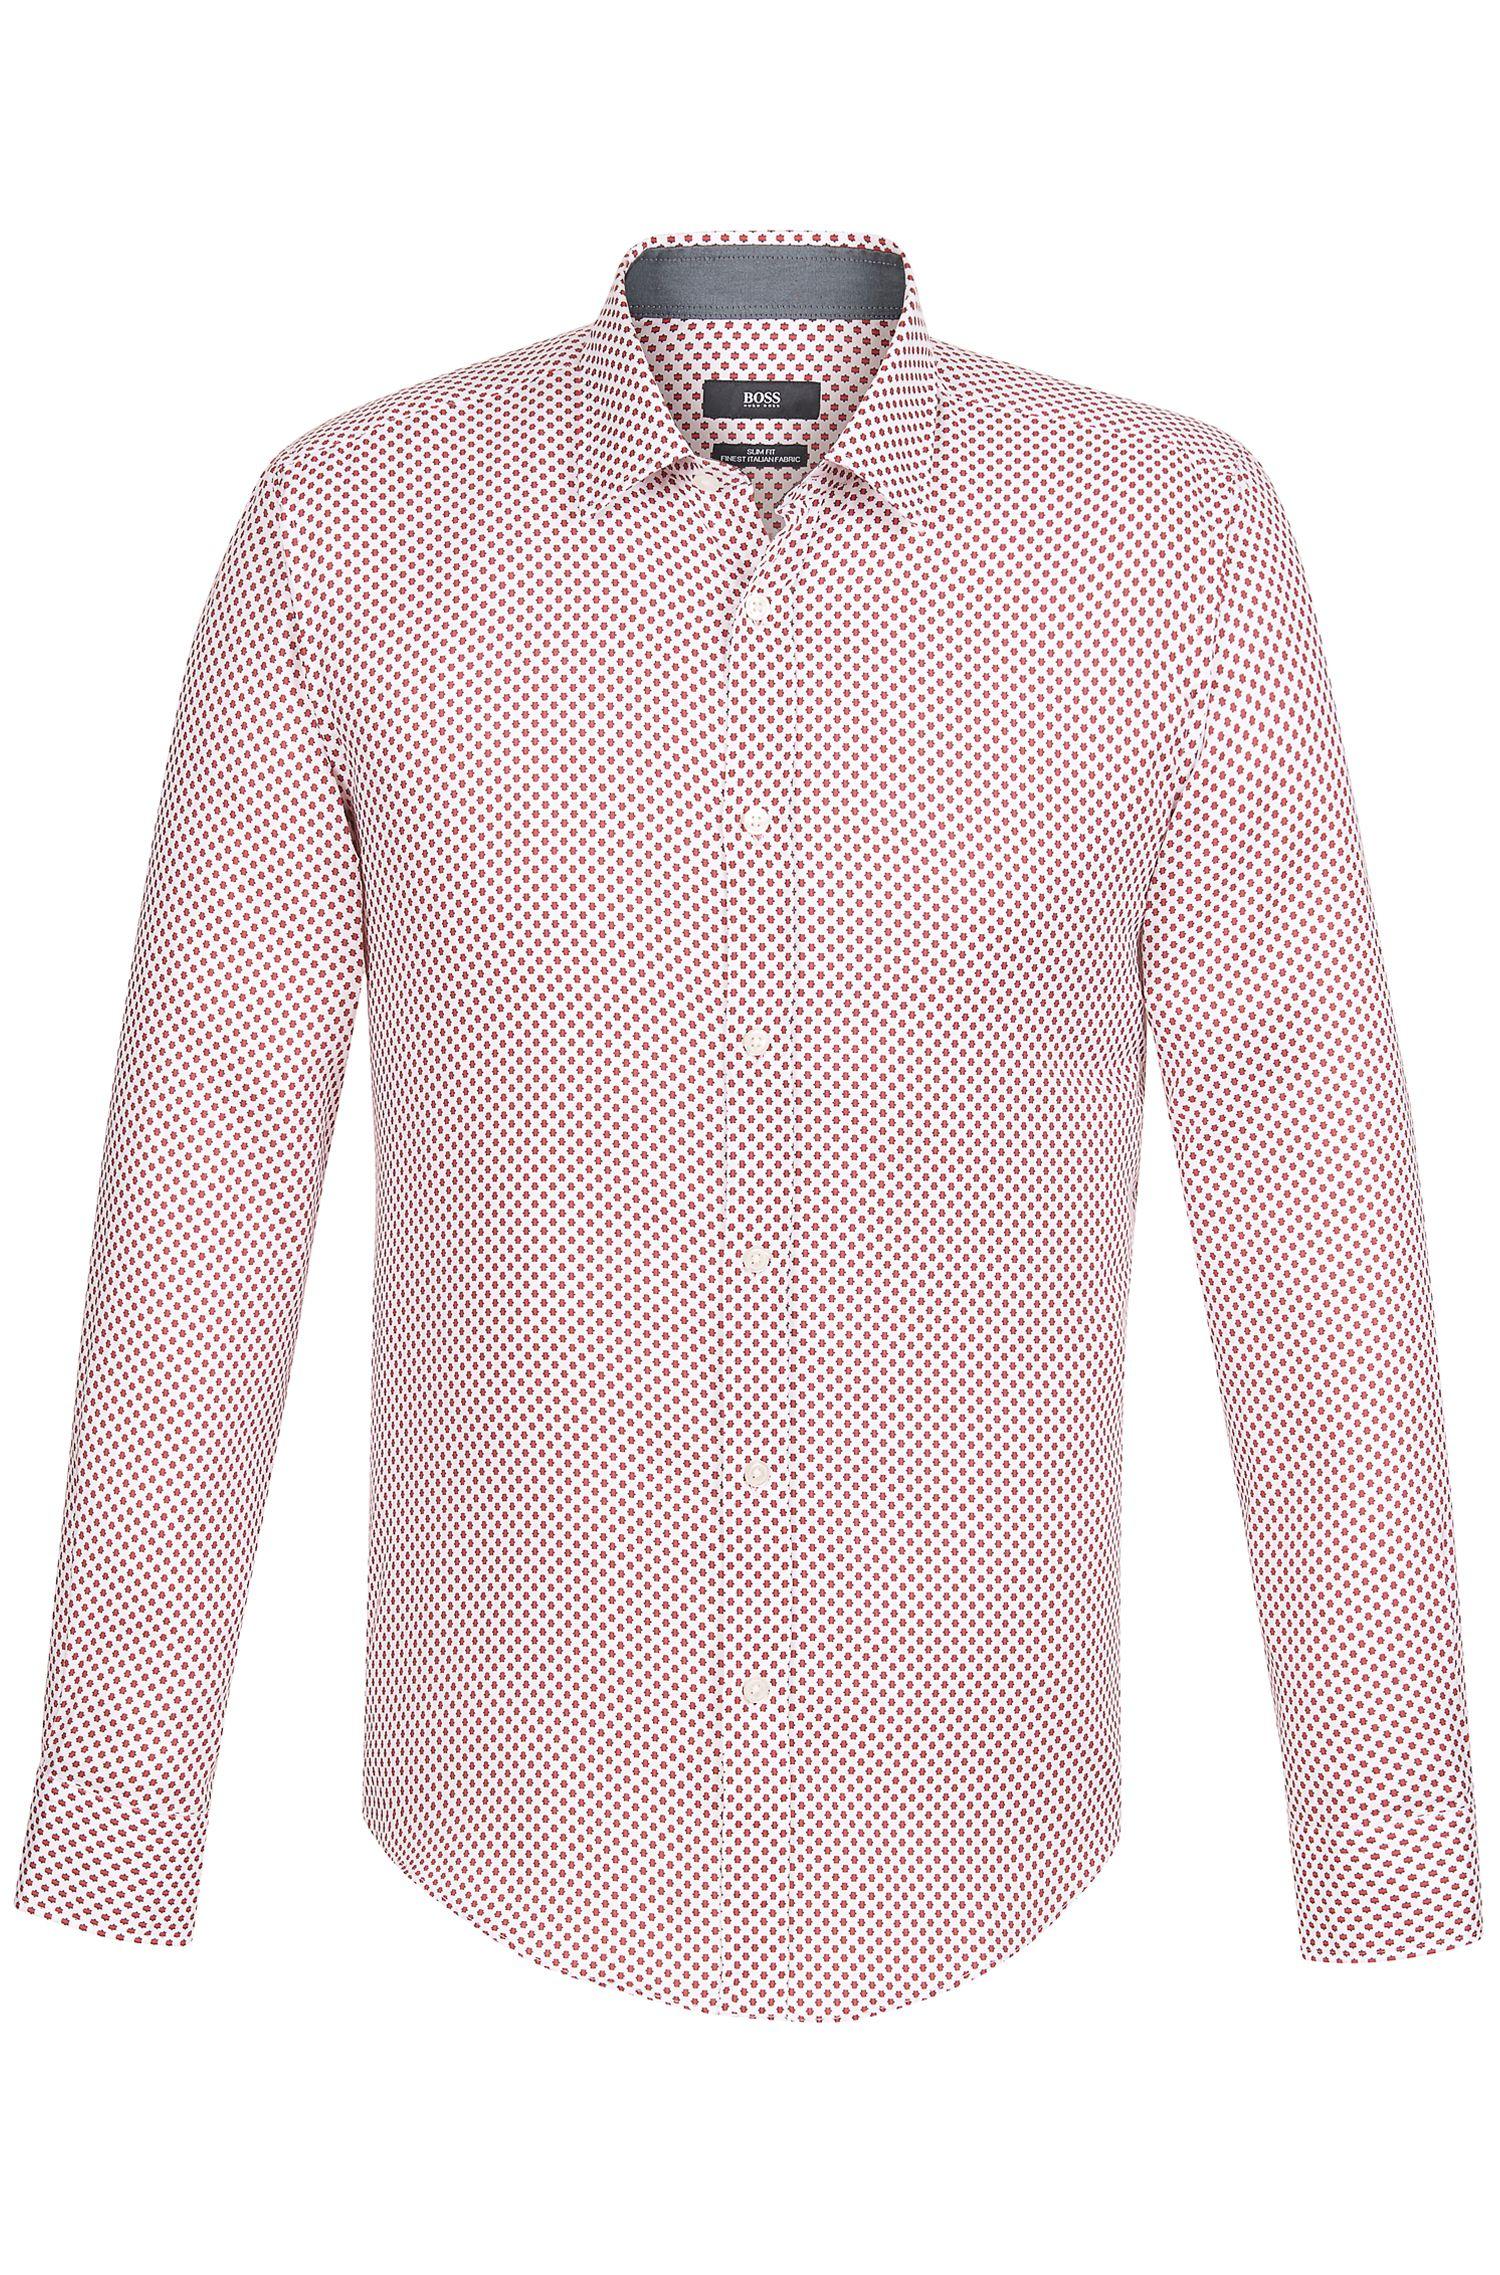 'Ronny' | Slim Fit, Cotton Button Down Shirt